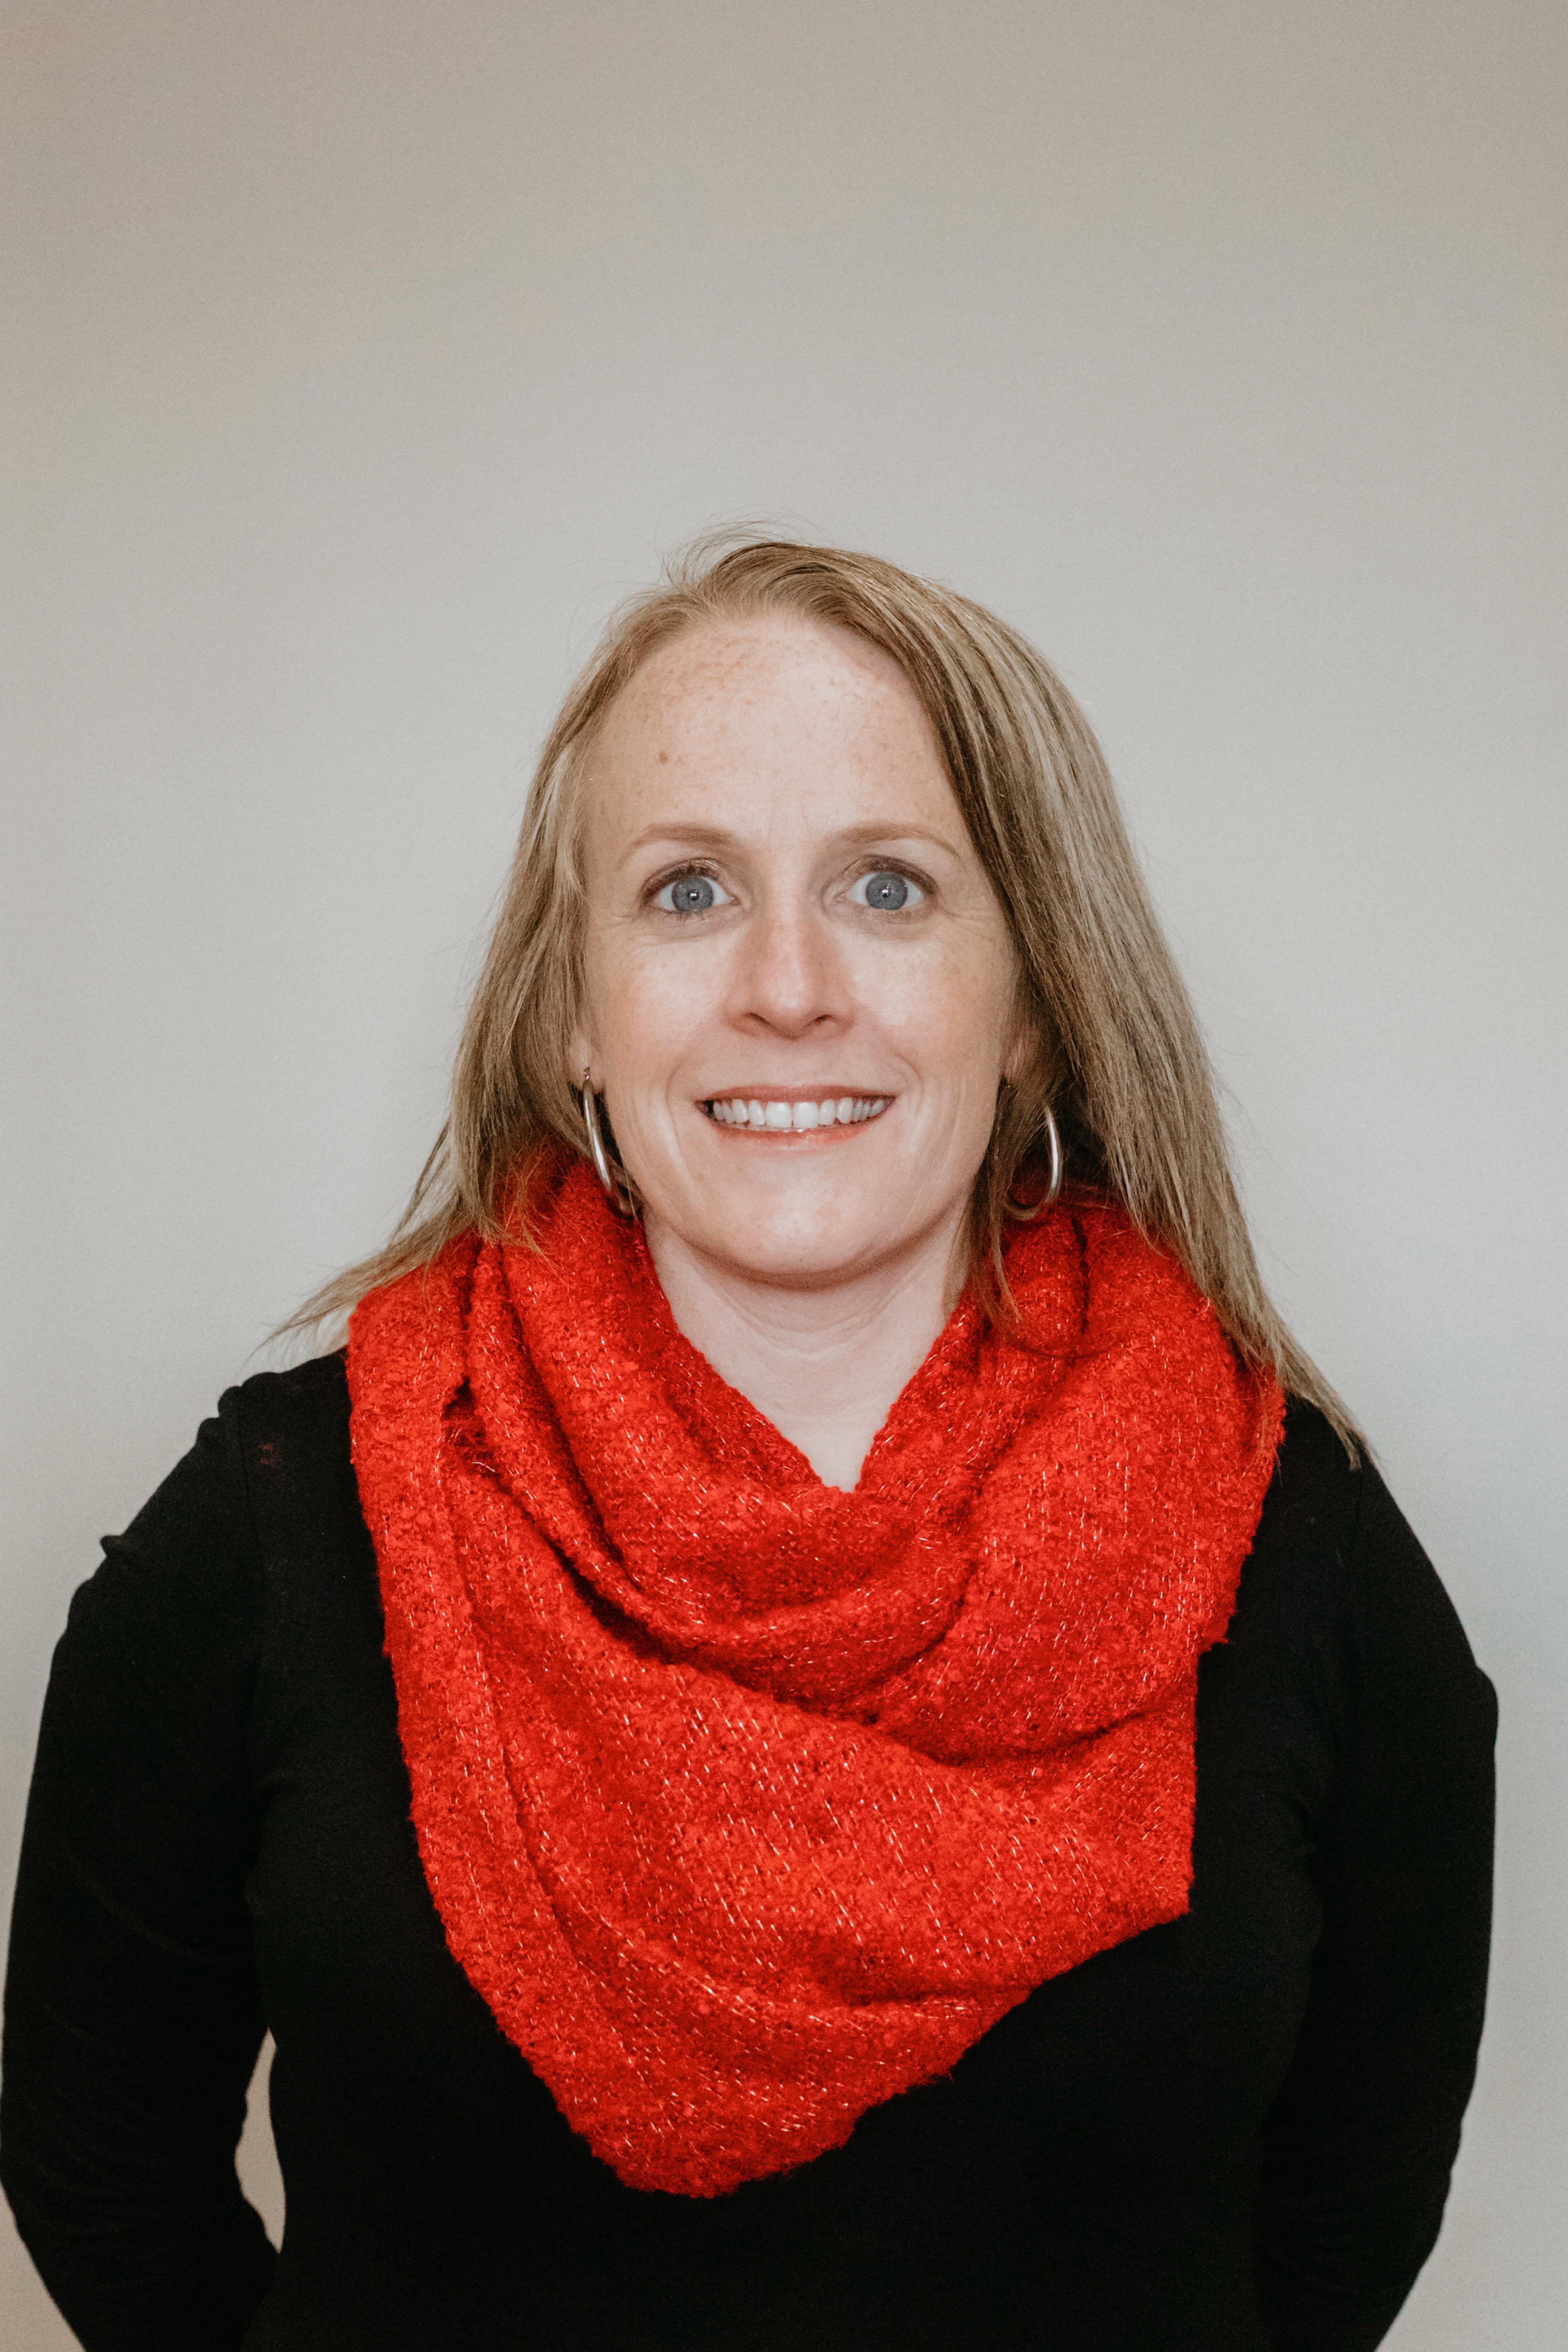 Tara Harris, CCC, SLP